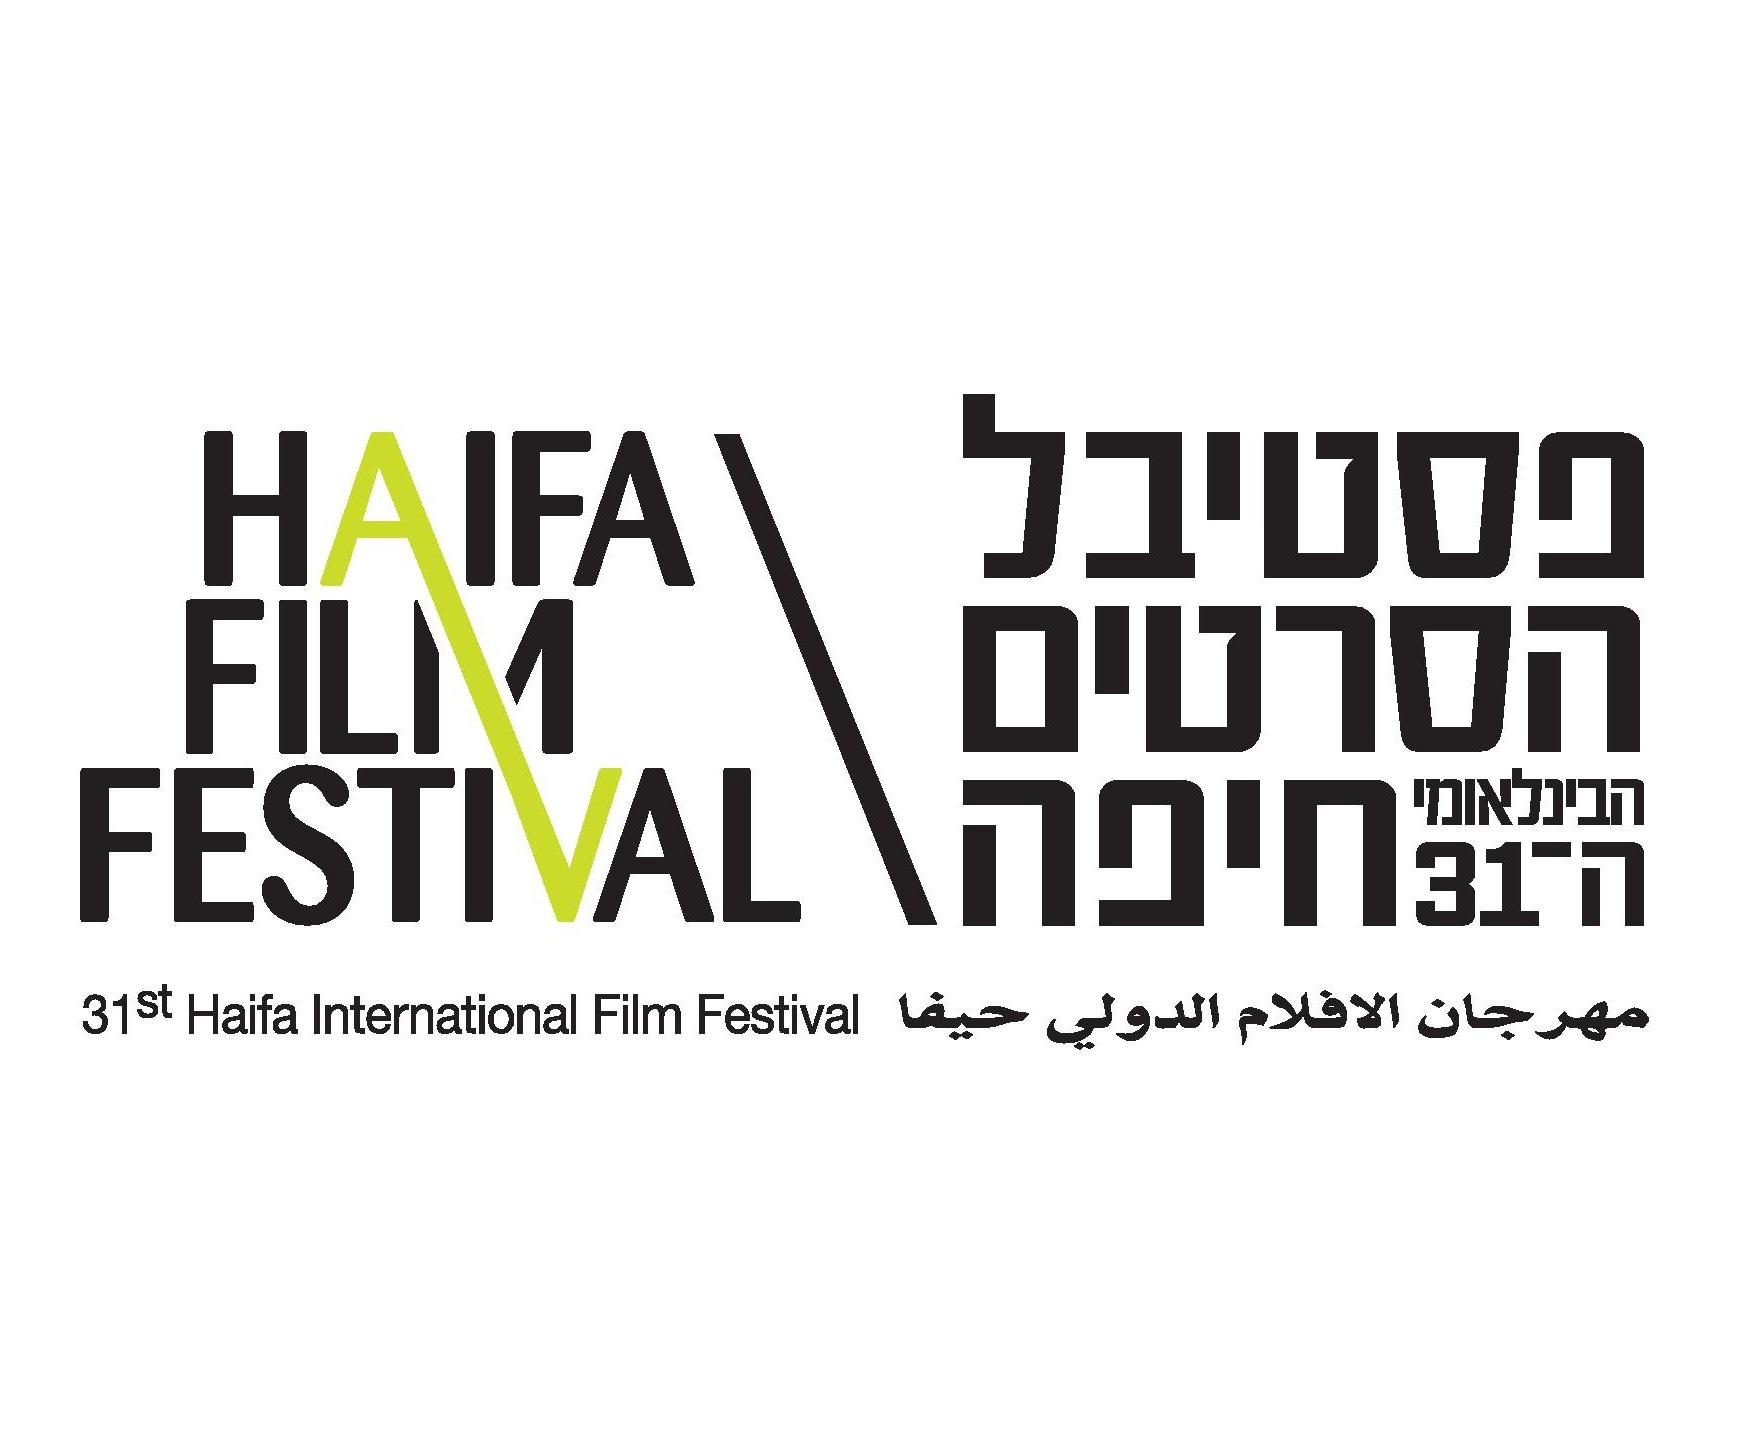 פסטיבל חיפה לוגו עם ירוק אופקי